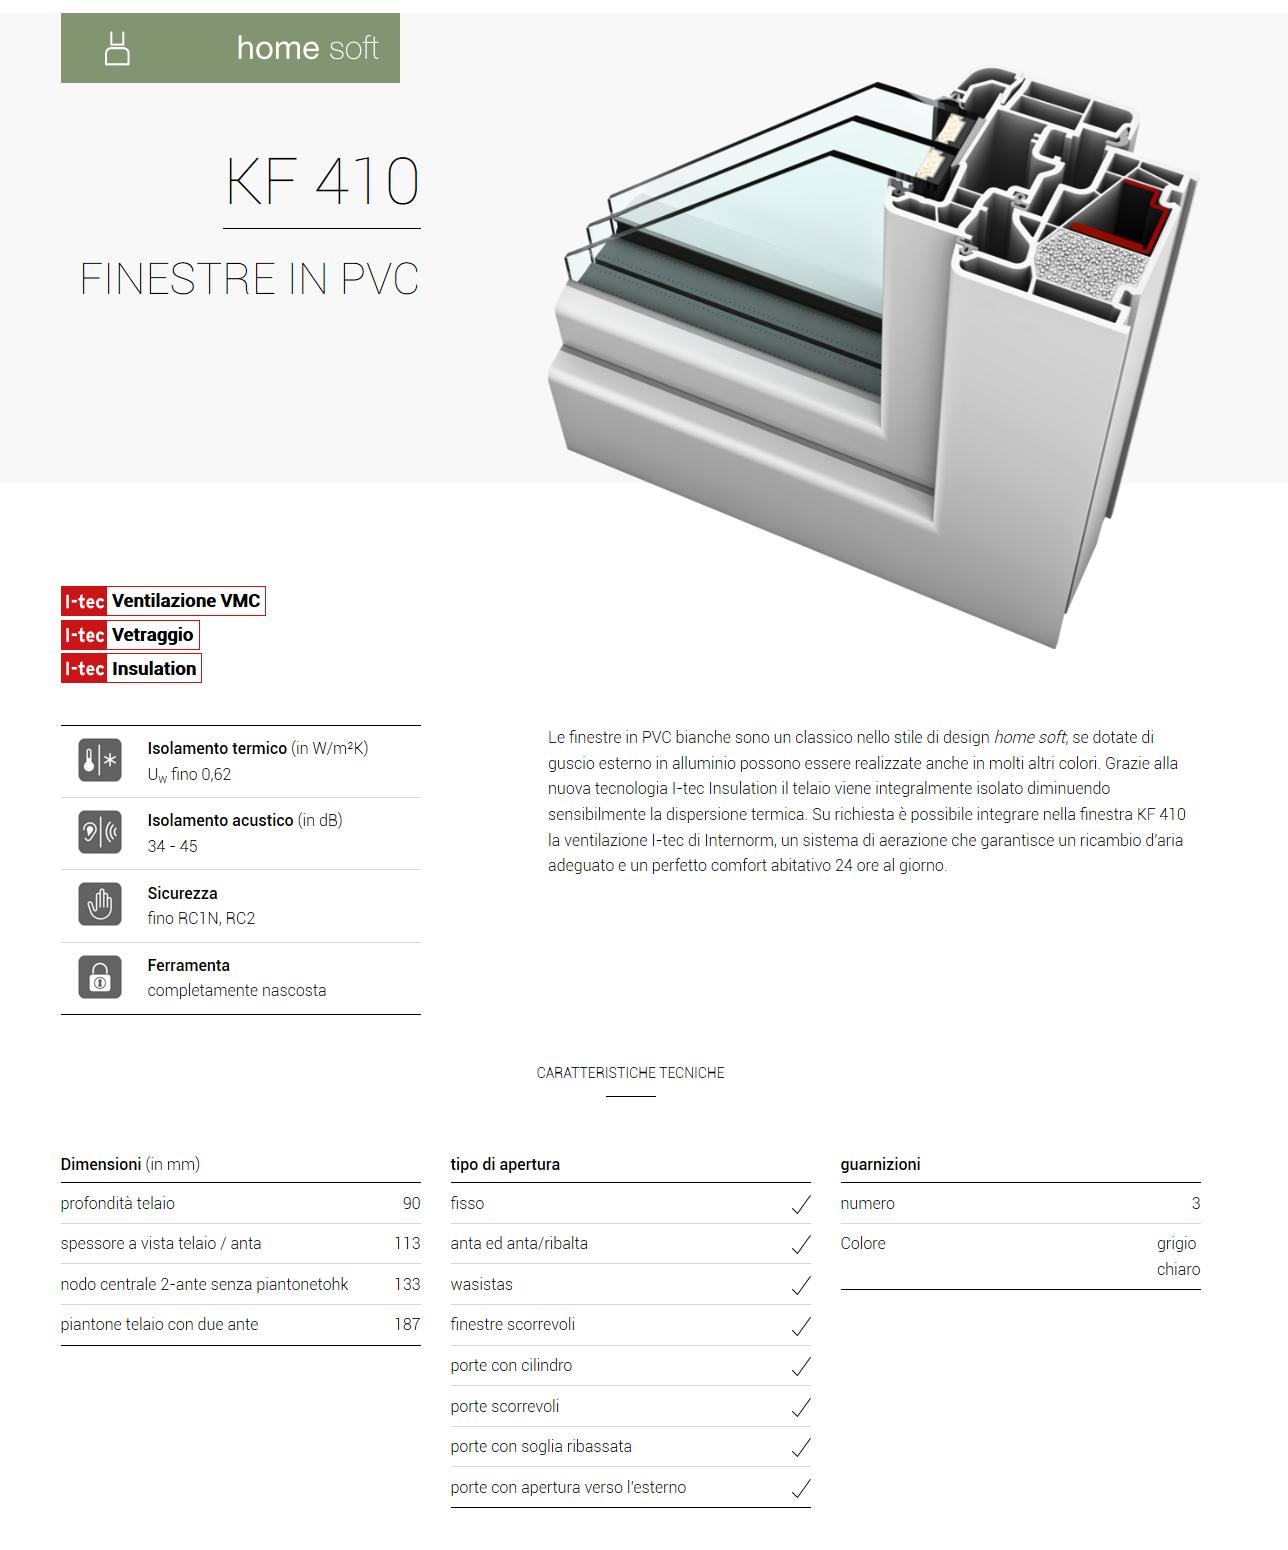 kf 410 soft